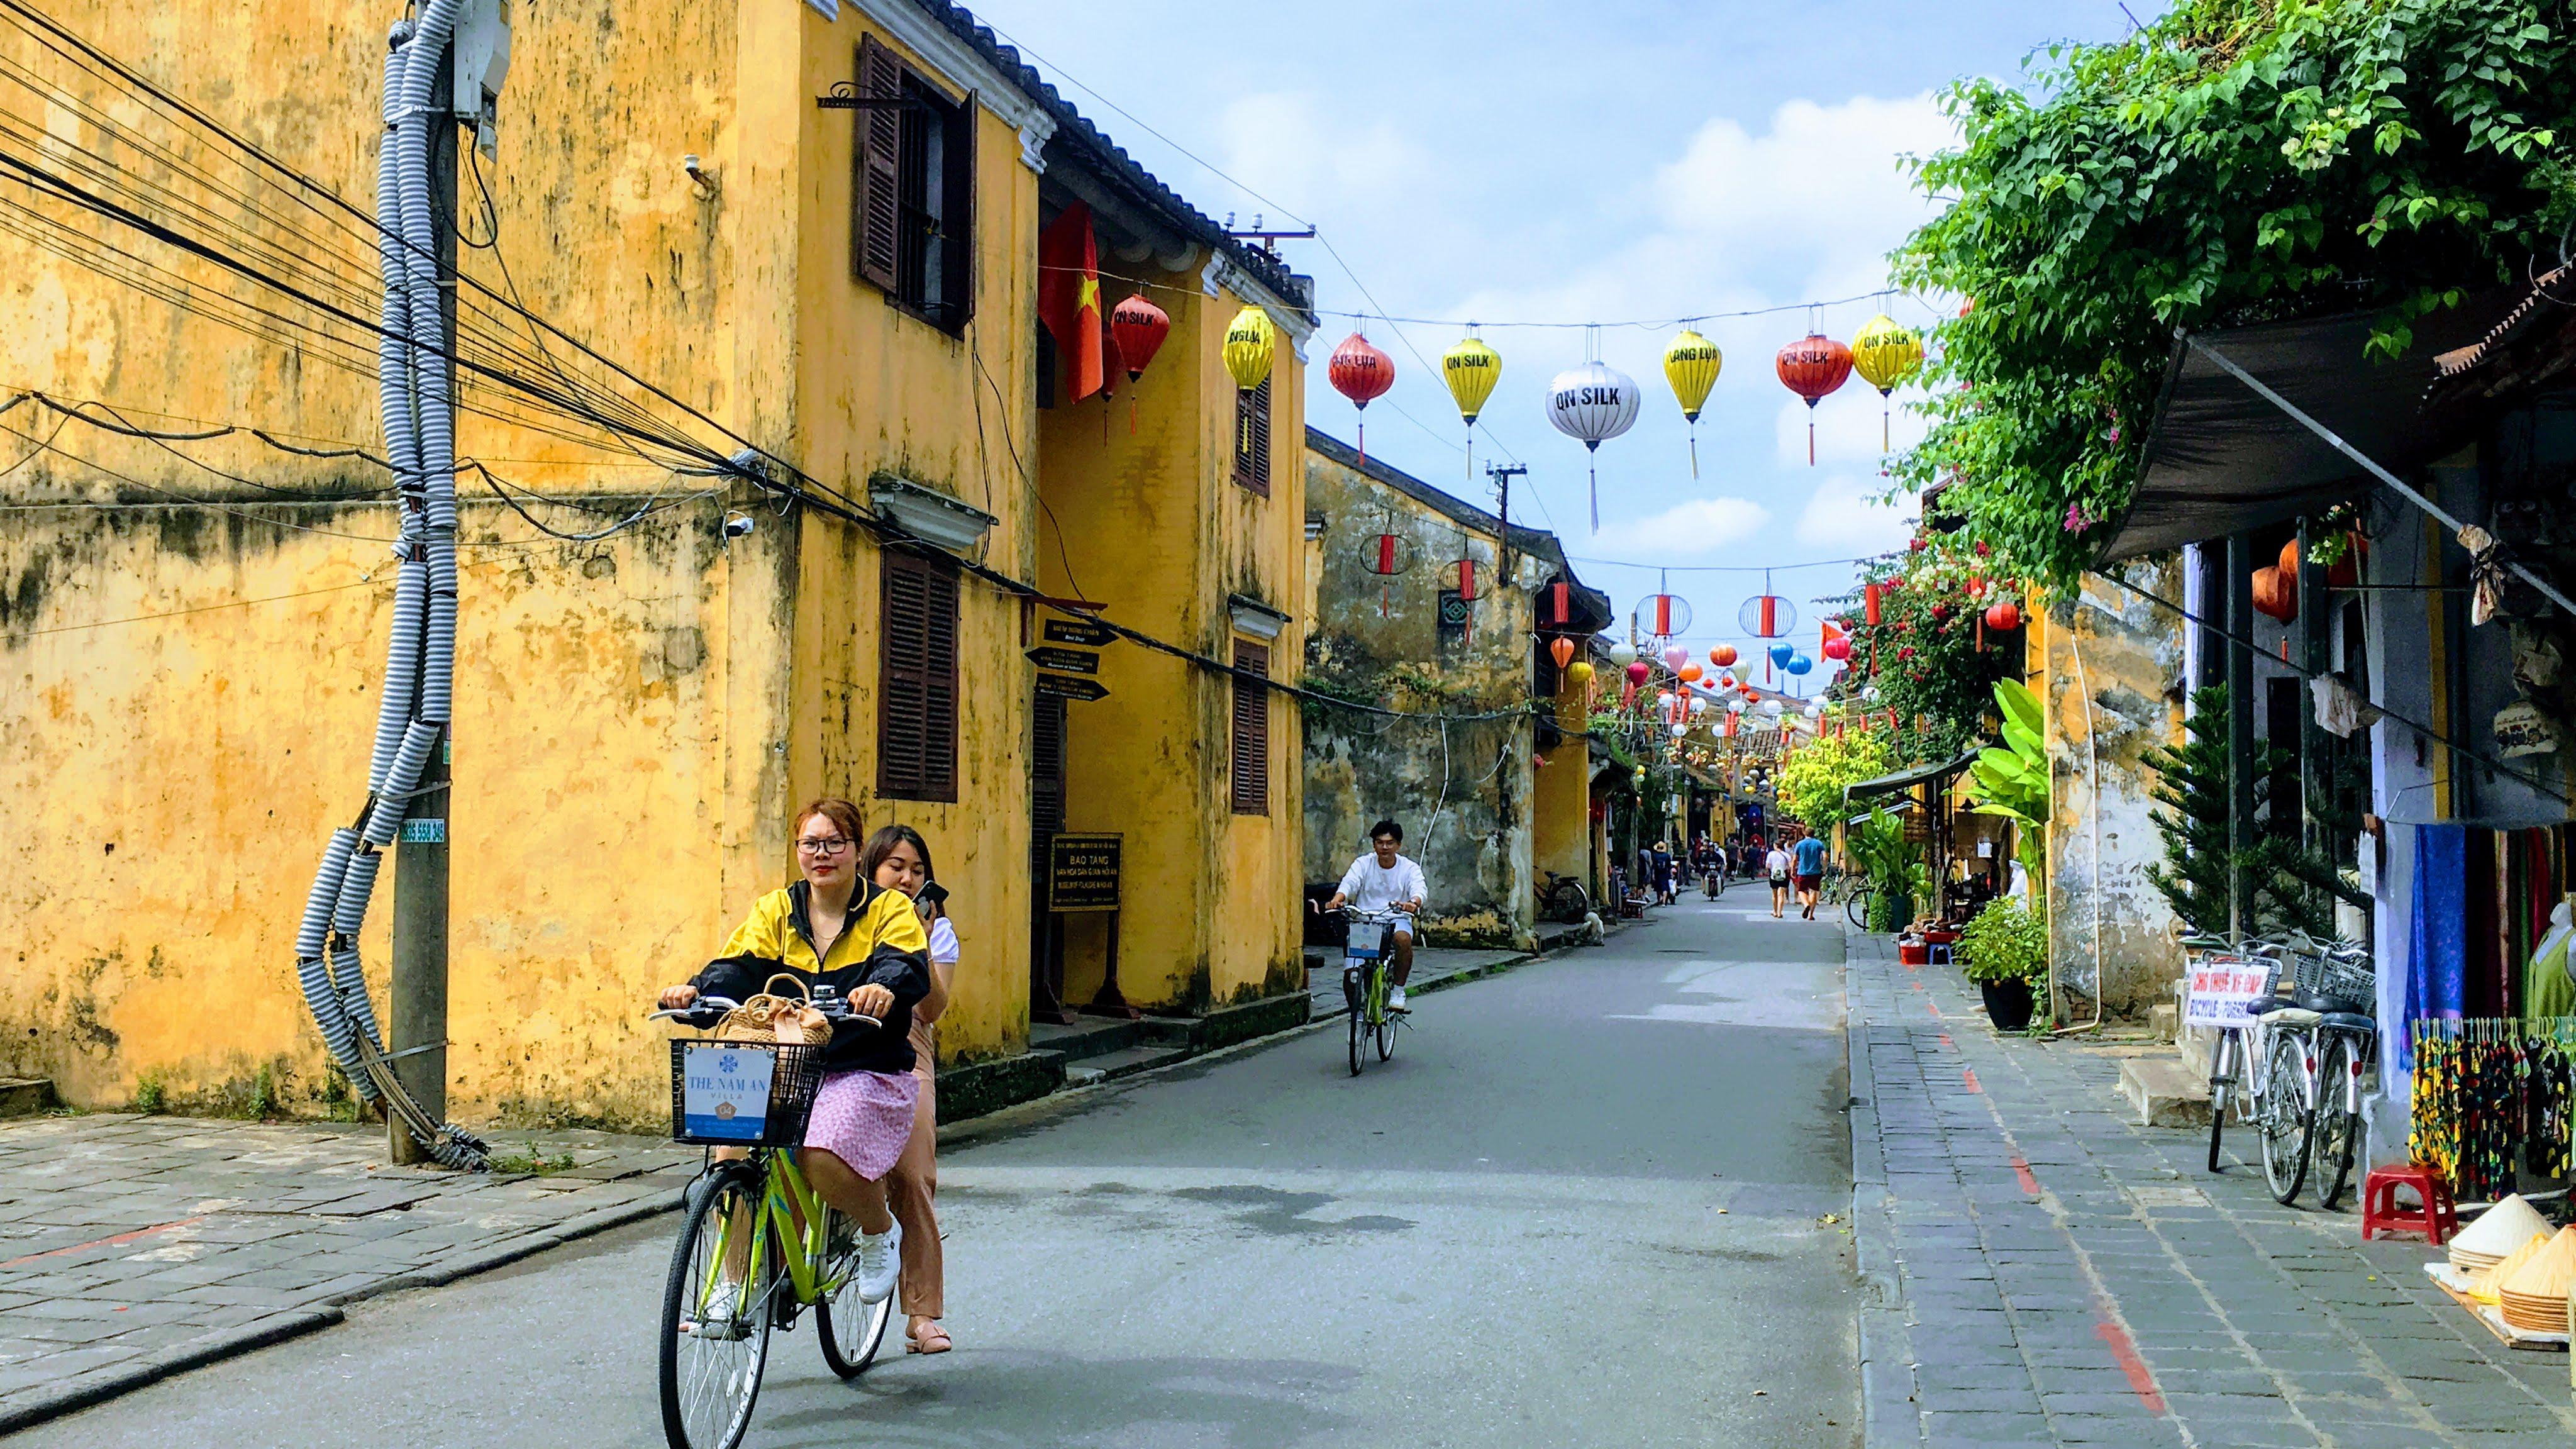 Từ 1/6 Hội An bán vé tham quan phố cổ, làng gốm Thanh Hà và làng rau Trà Quế trở lại - Ảnh 1.